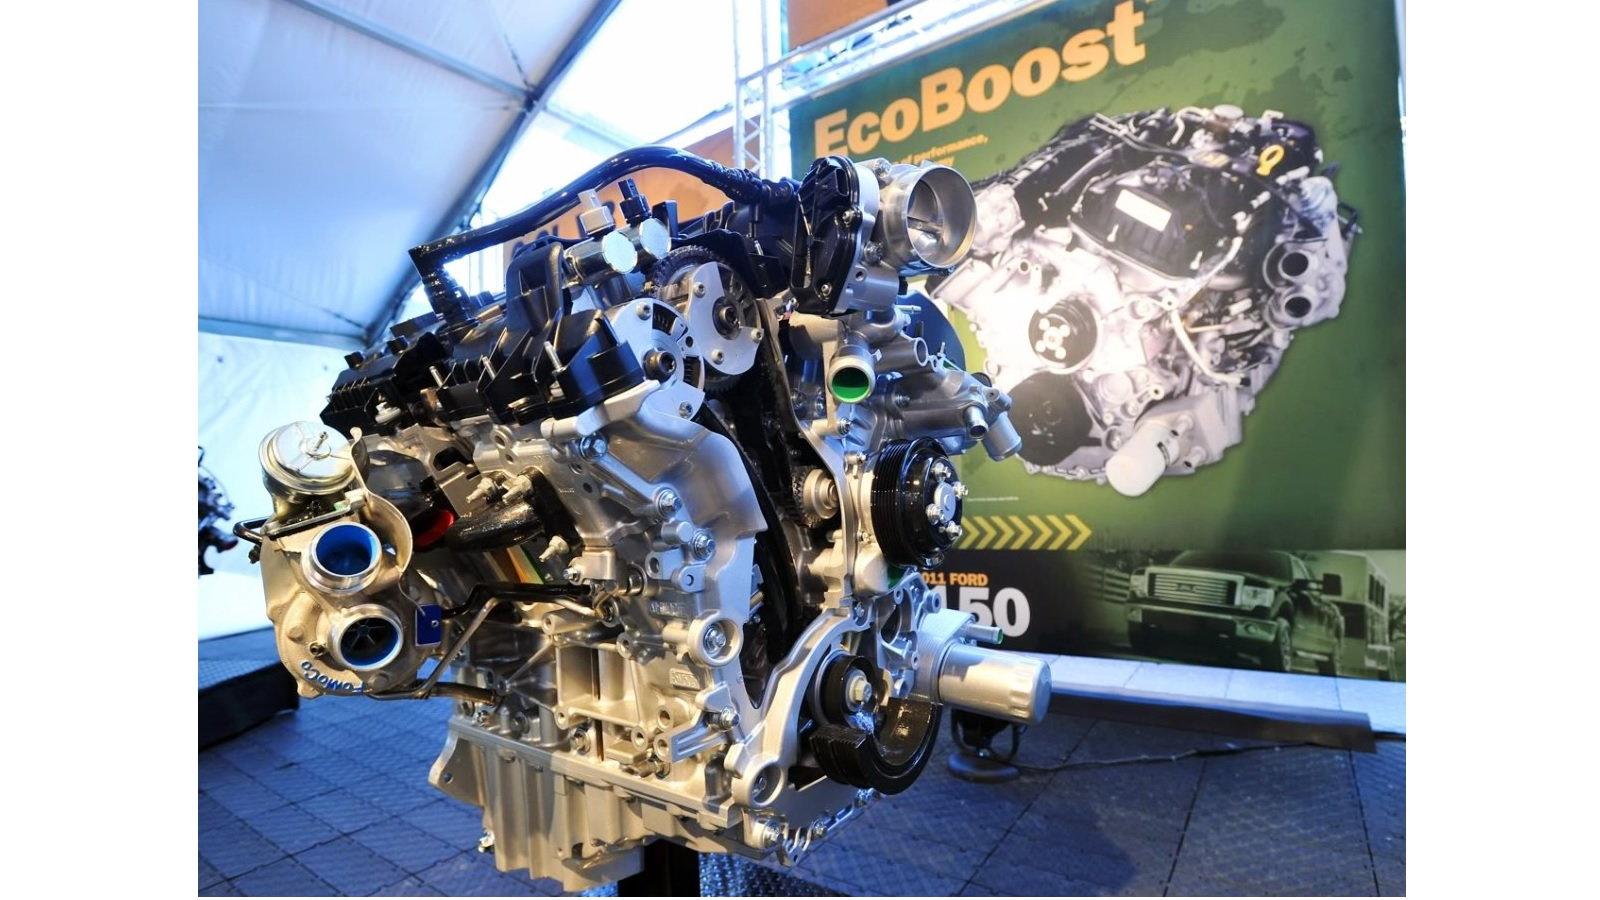 8. Ford EcoBoost 3.5 Liter Turbo V-6